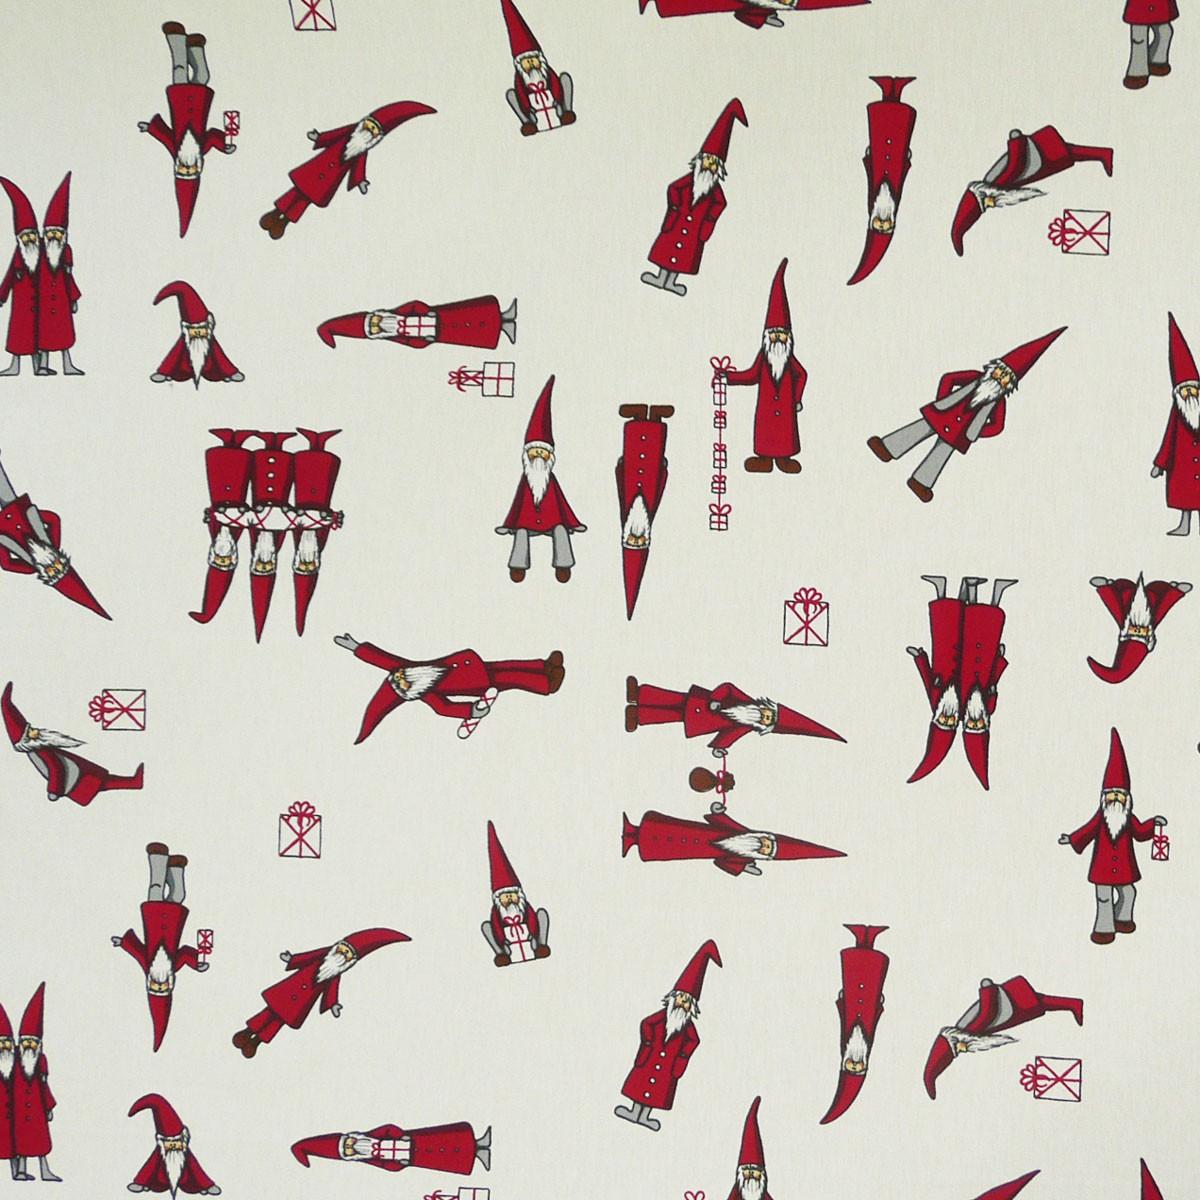 gardinenstoff stoff dekostoff meterware weihnachtsmann geschenke weihnachten wei ebay. Black Bedroom Furniture Sets. Home Design Ideas